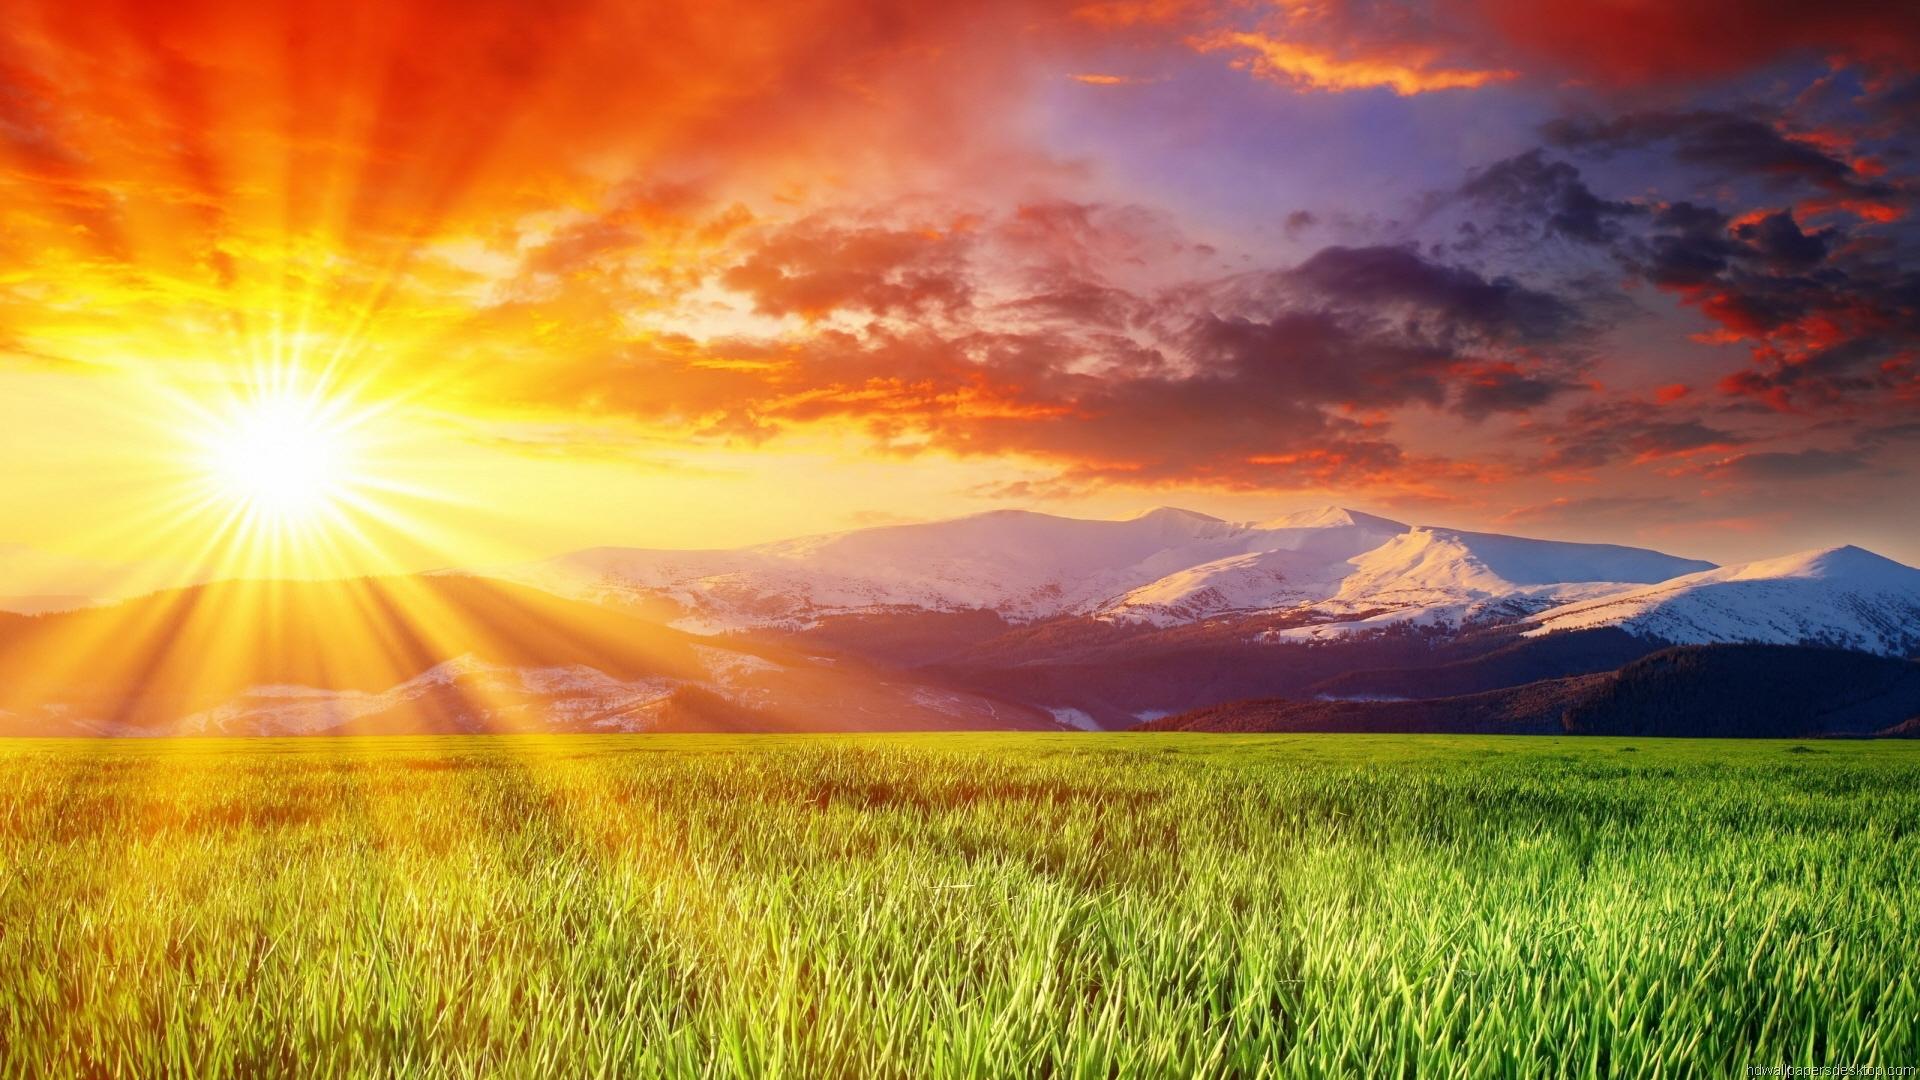 Sunrise Meadow Wallpaper